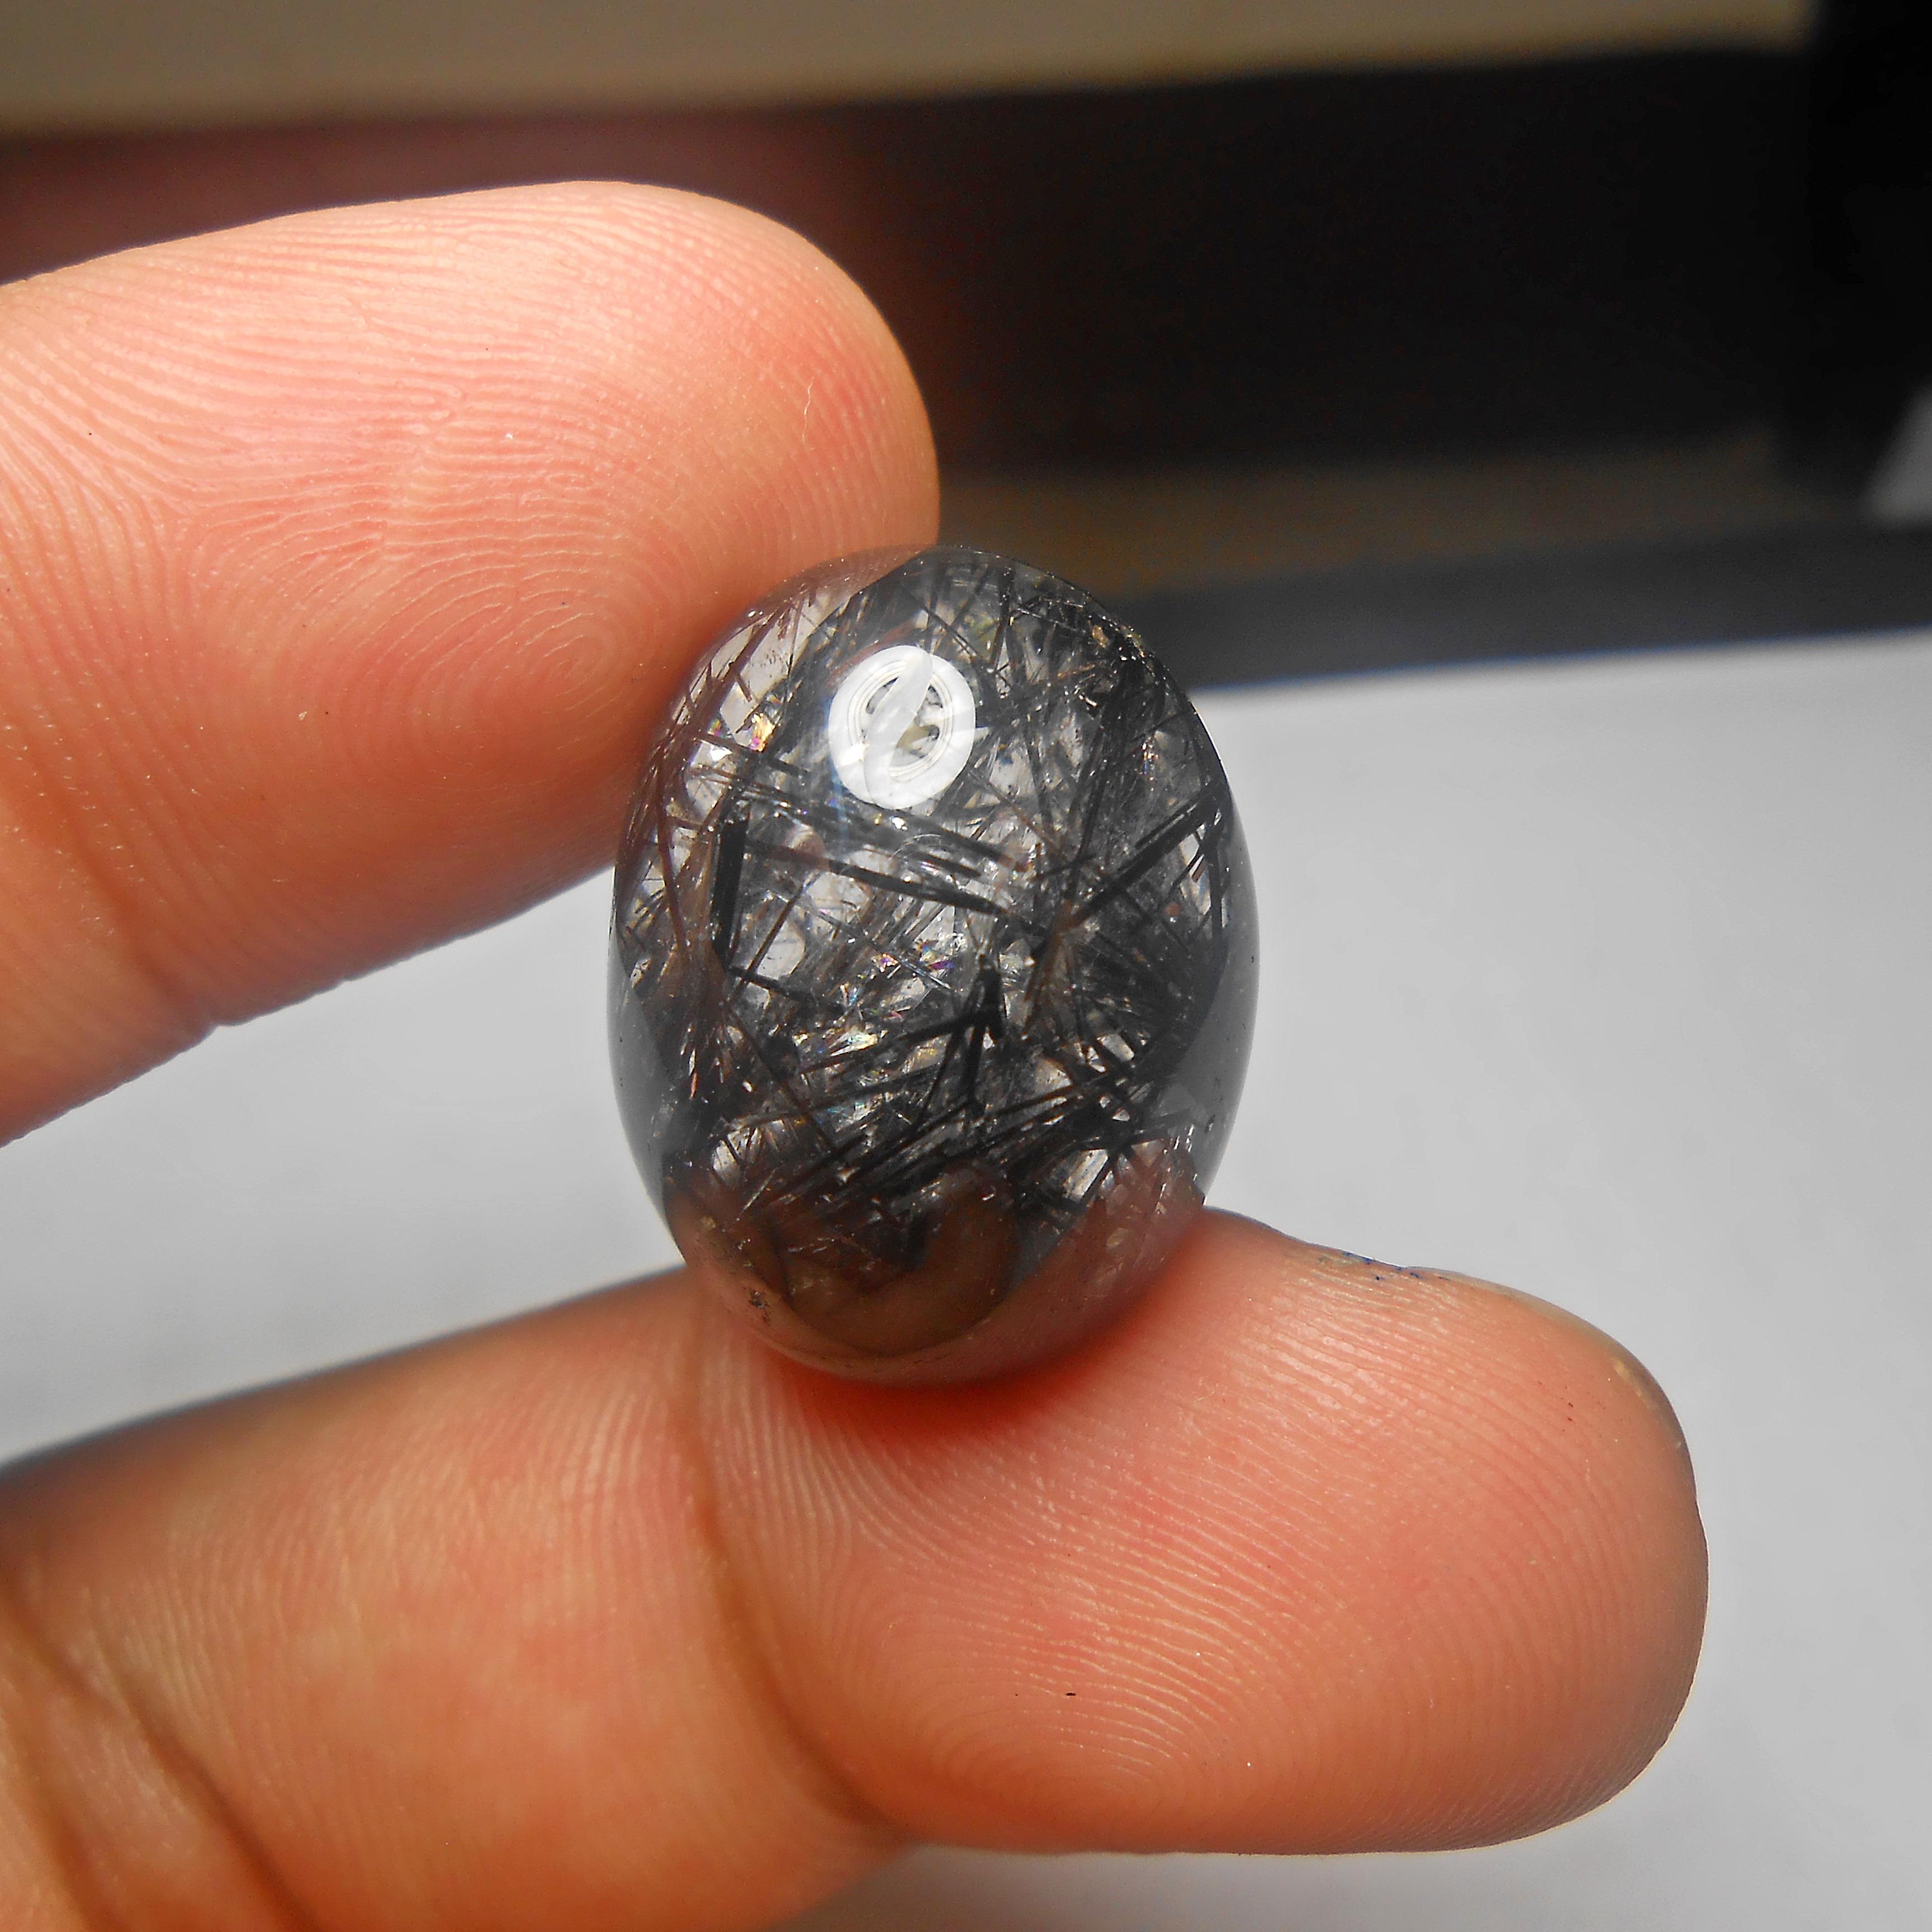 แก้วขนเหล็กเหลือบรุ้ง น้ำงาม เส้นคมแกร่ง ขนาด 2.2x1.6cm ทำหัวแหวน จี้ งามๆ